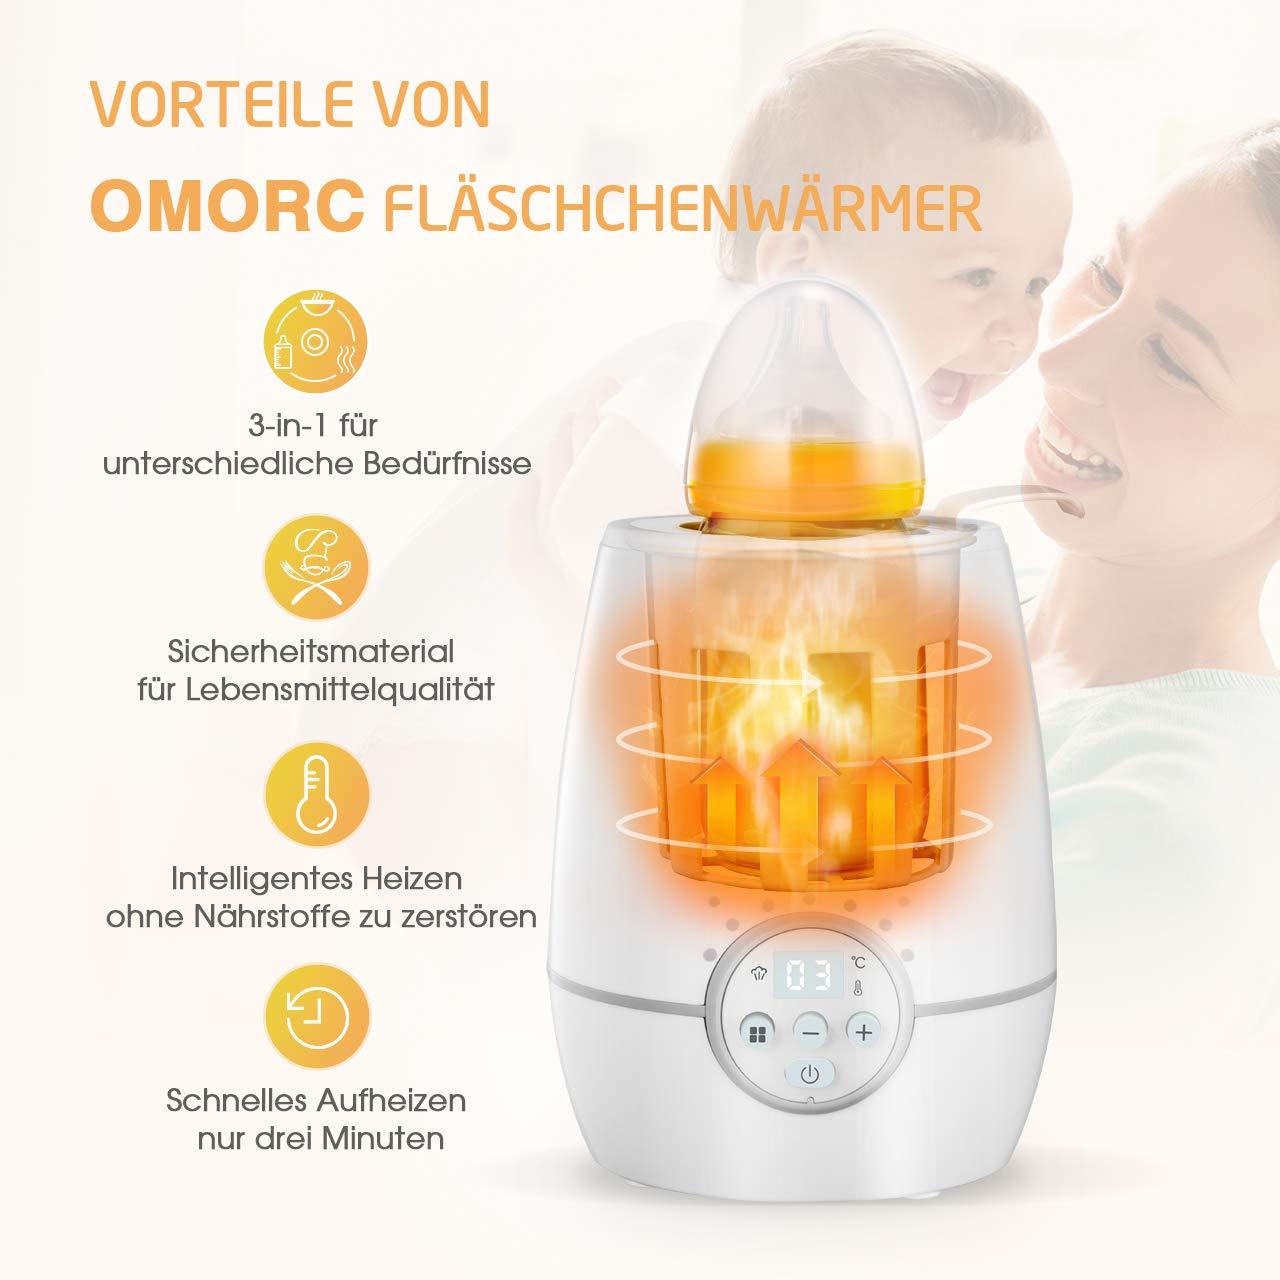 OMORC Babykost- und Fl/äschchenw/ärmer W/ärmehaltung-Wei/ß Desinfektion 3-in-1 Babykostw/ärme mit LED Display 2000W schnelle Erw/ärmung flaschenw/ärmer baby f/ür Schnelle Aufheizung